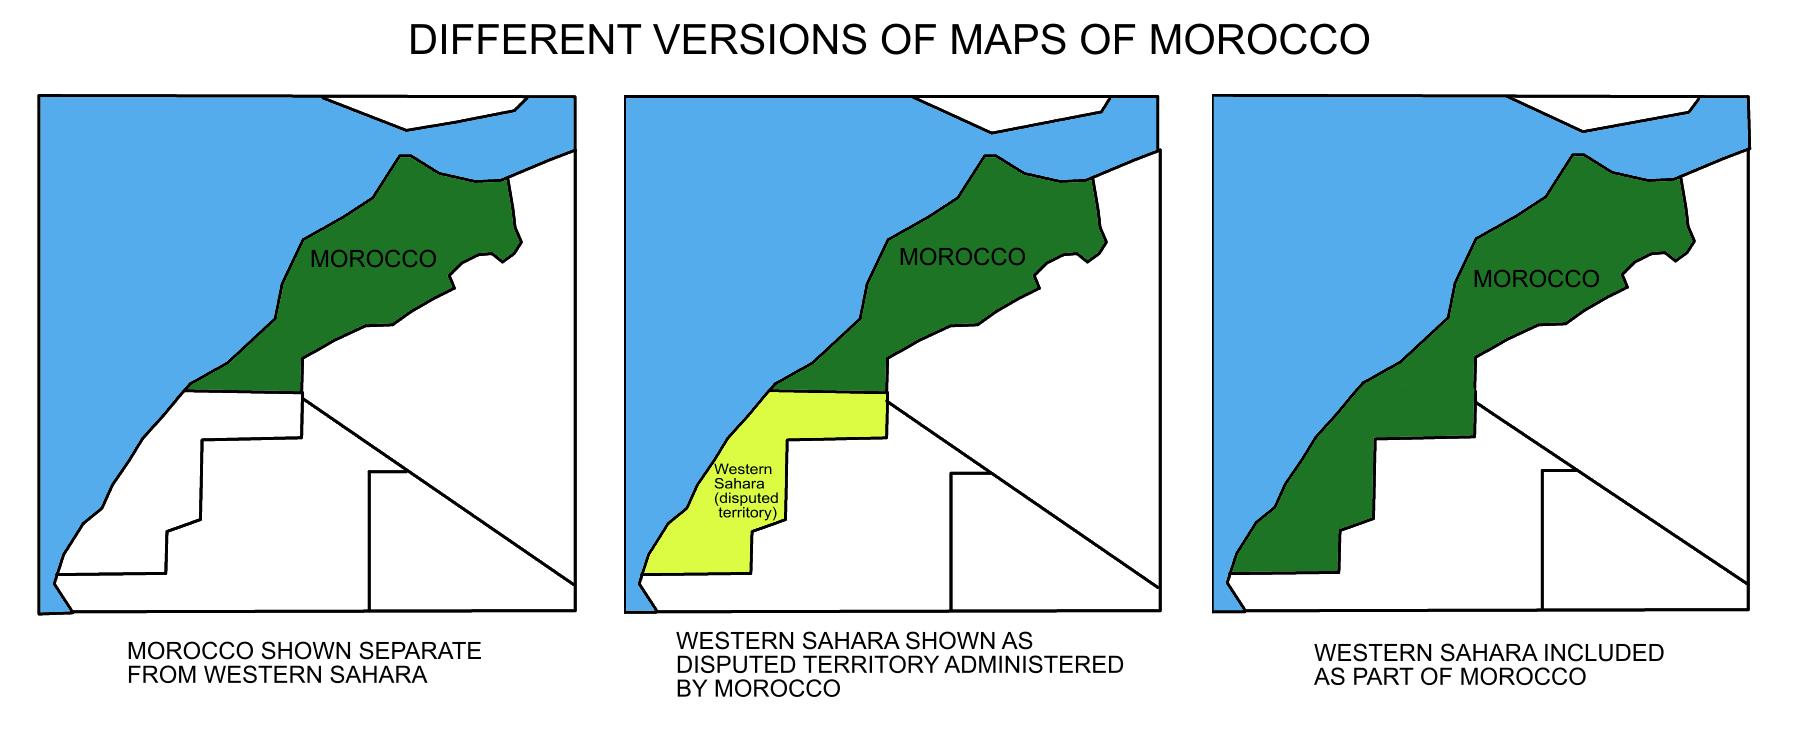 ألبوم صور المغرب (شامل لكل مناطقها 3_maps_morocco.PNG